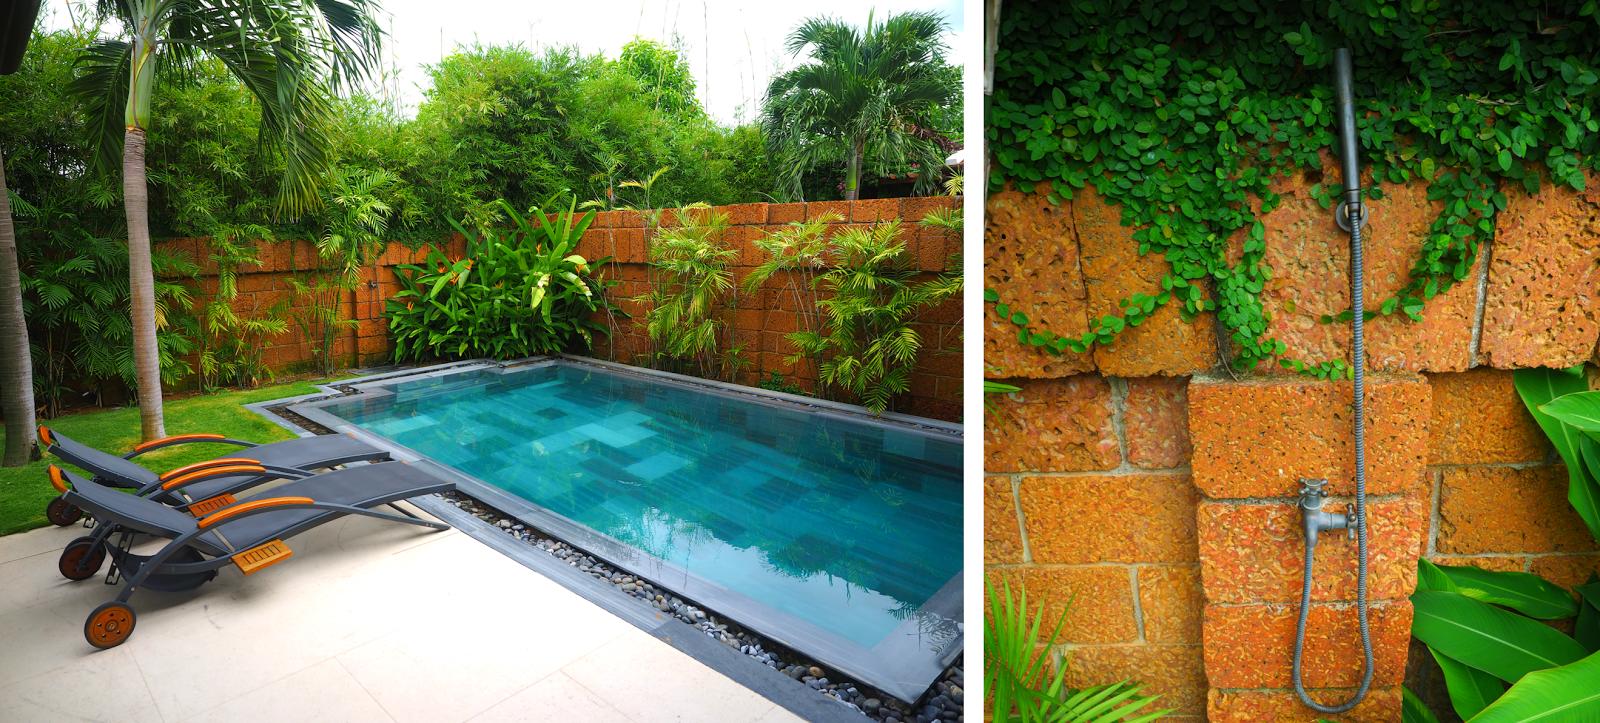 Fusion Maia Resort Villa Private Backyard Pool Shower